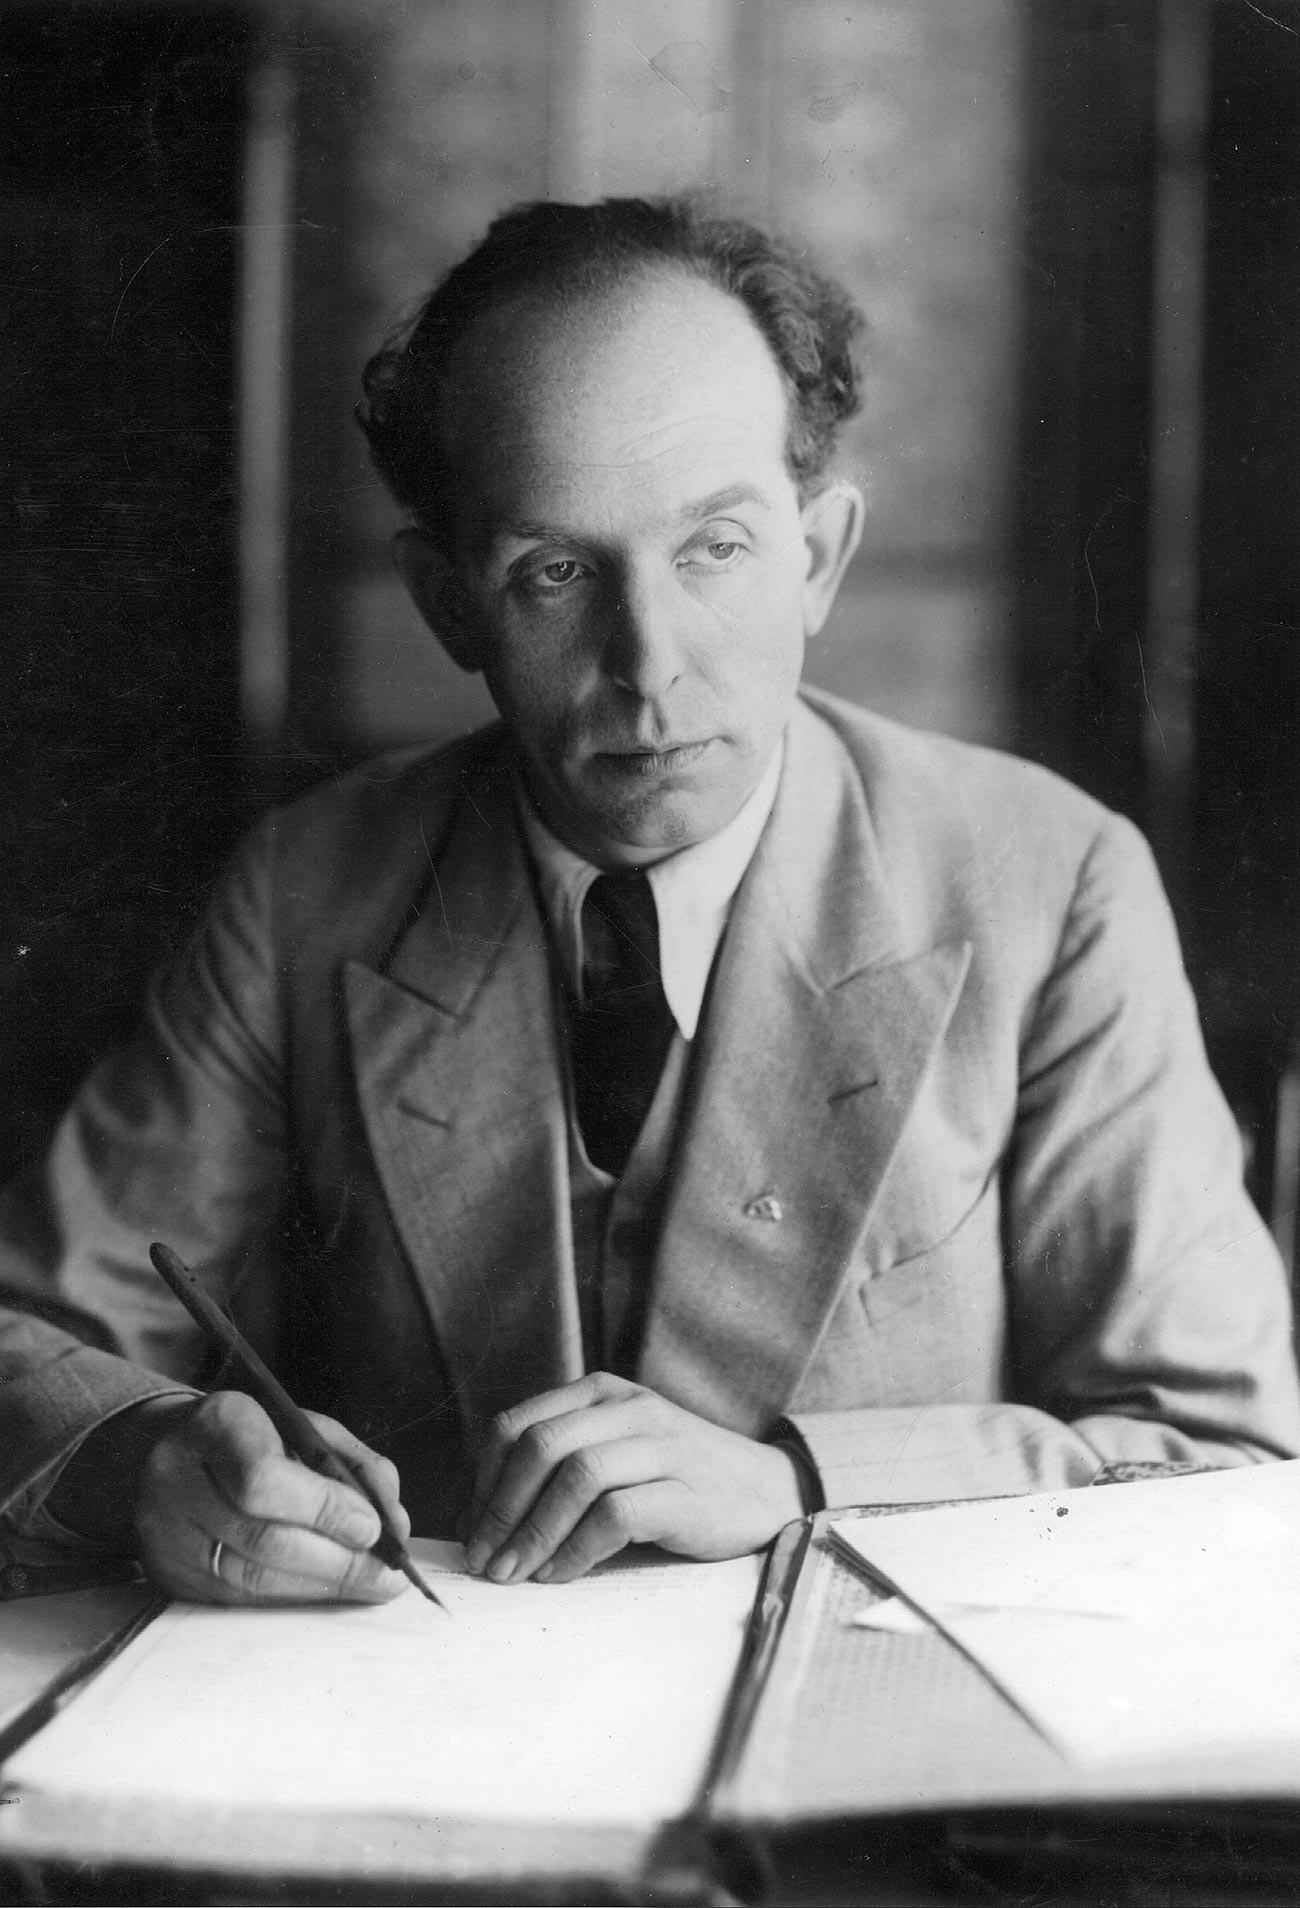 Роланд Фрајслер, 1933 година.